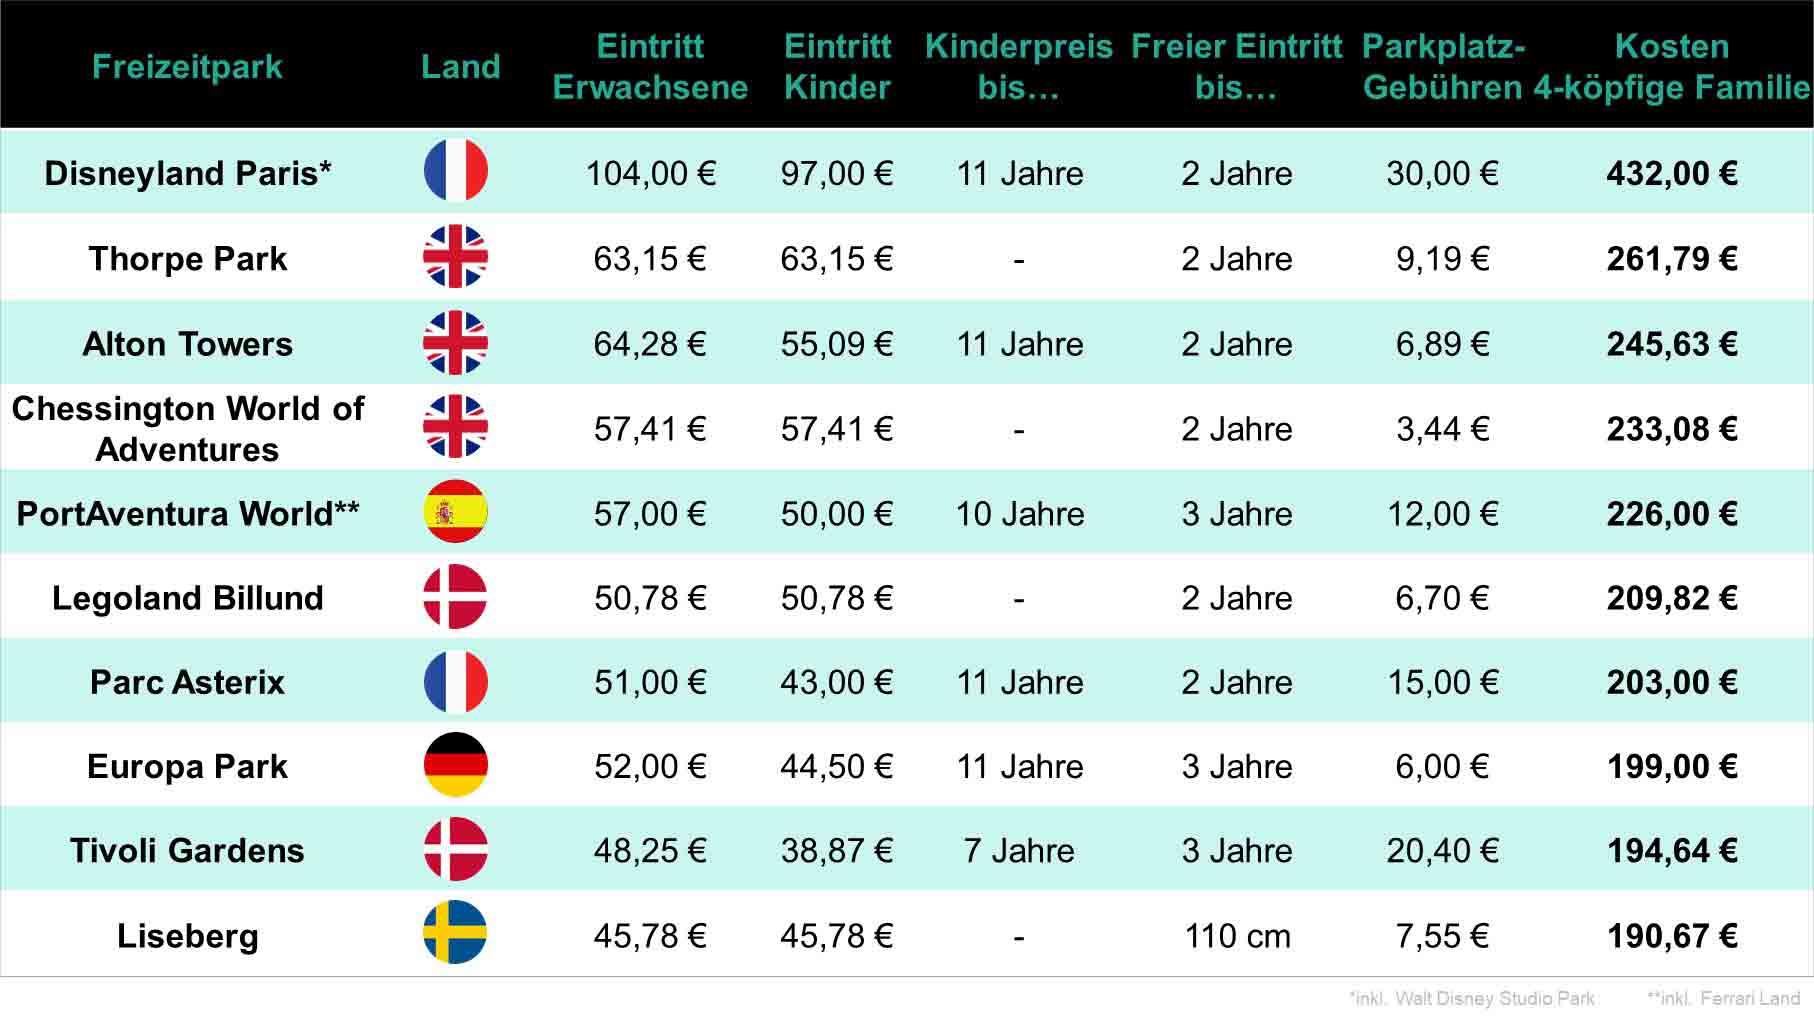 Die teuersten Freizeitparks in der Übersicht copyright: Travelcircus